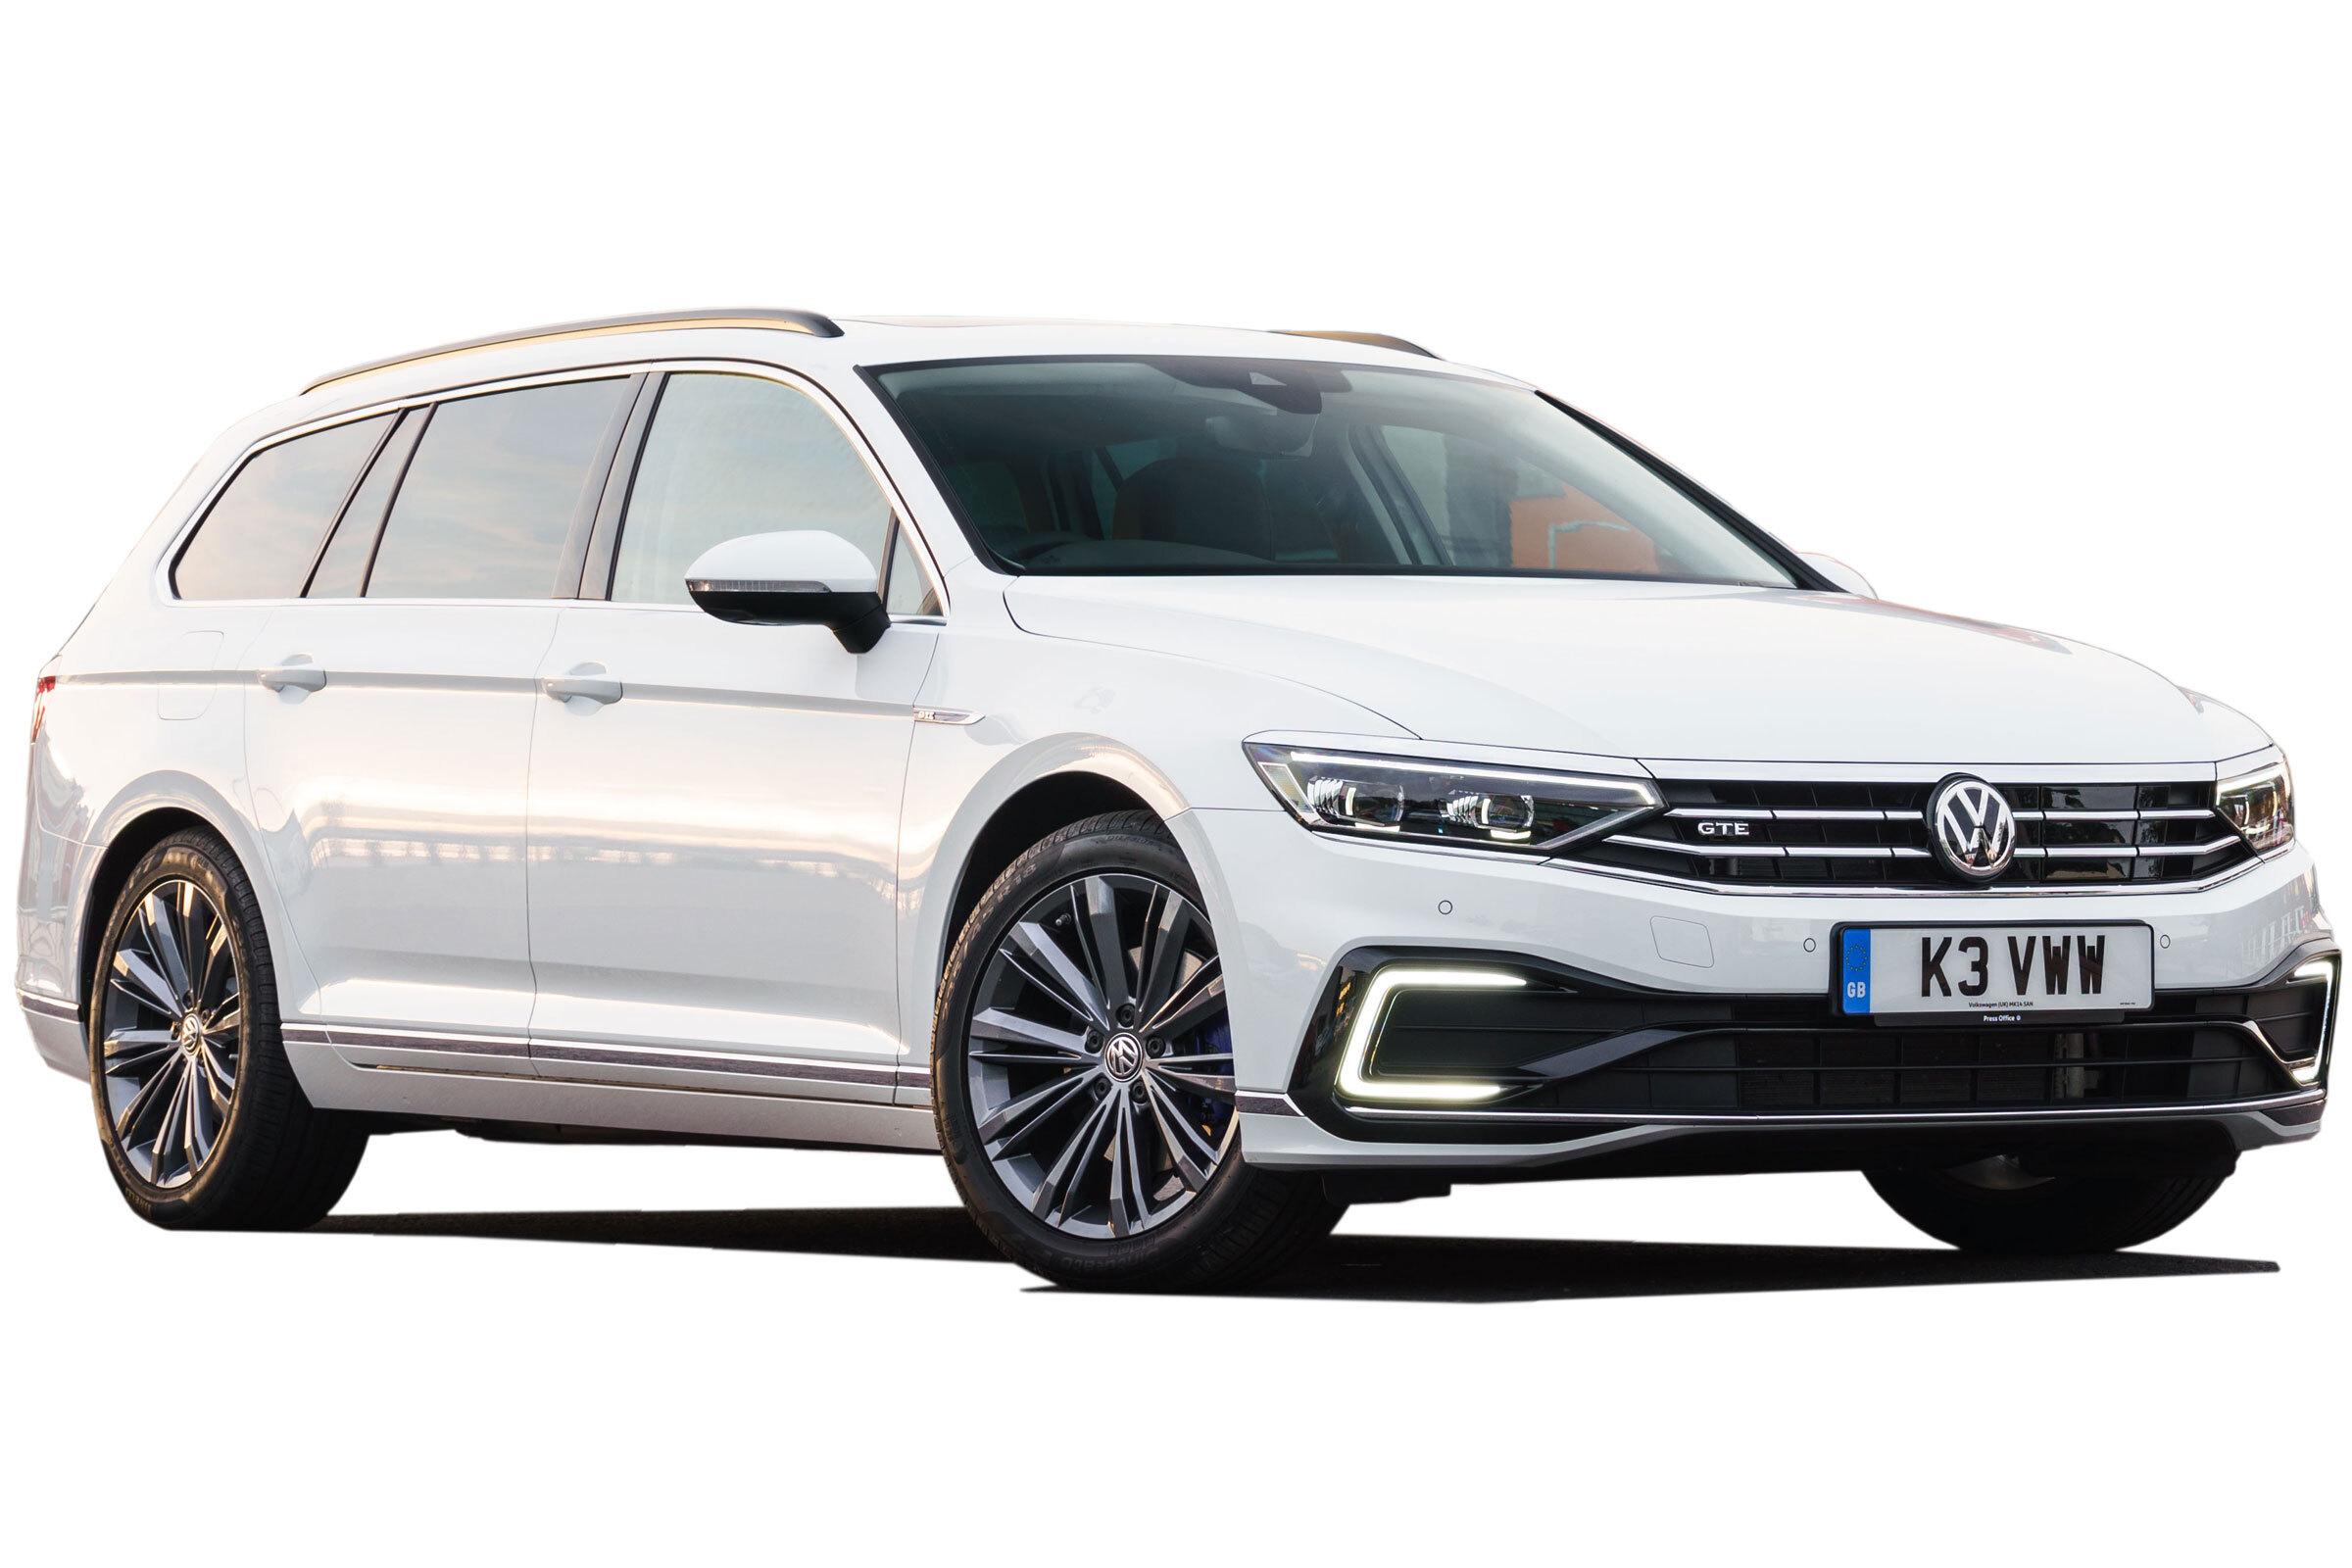 Volkswagen Passat Gte Estate 2020 Review Carbuyer